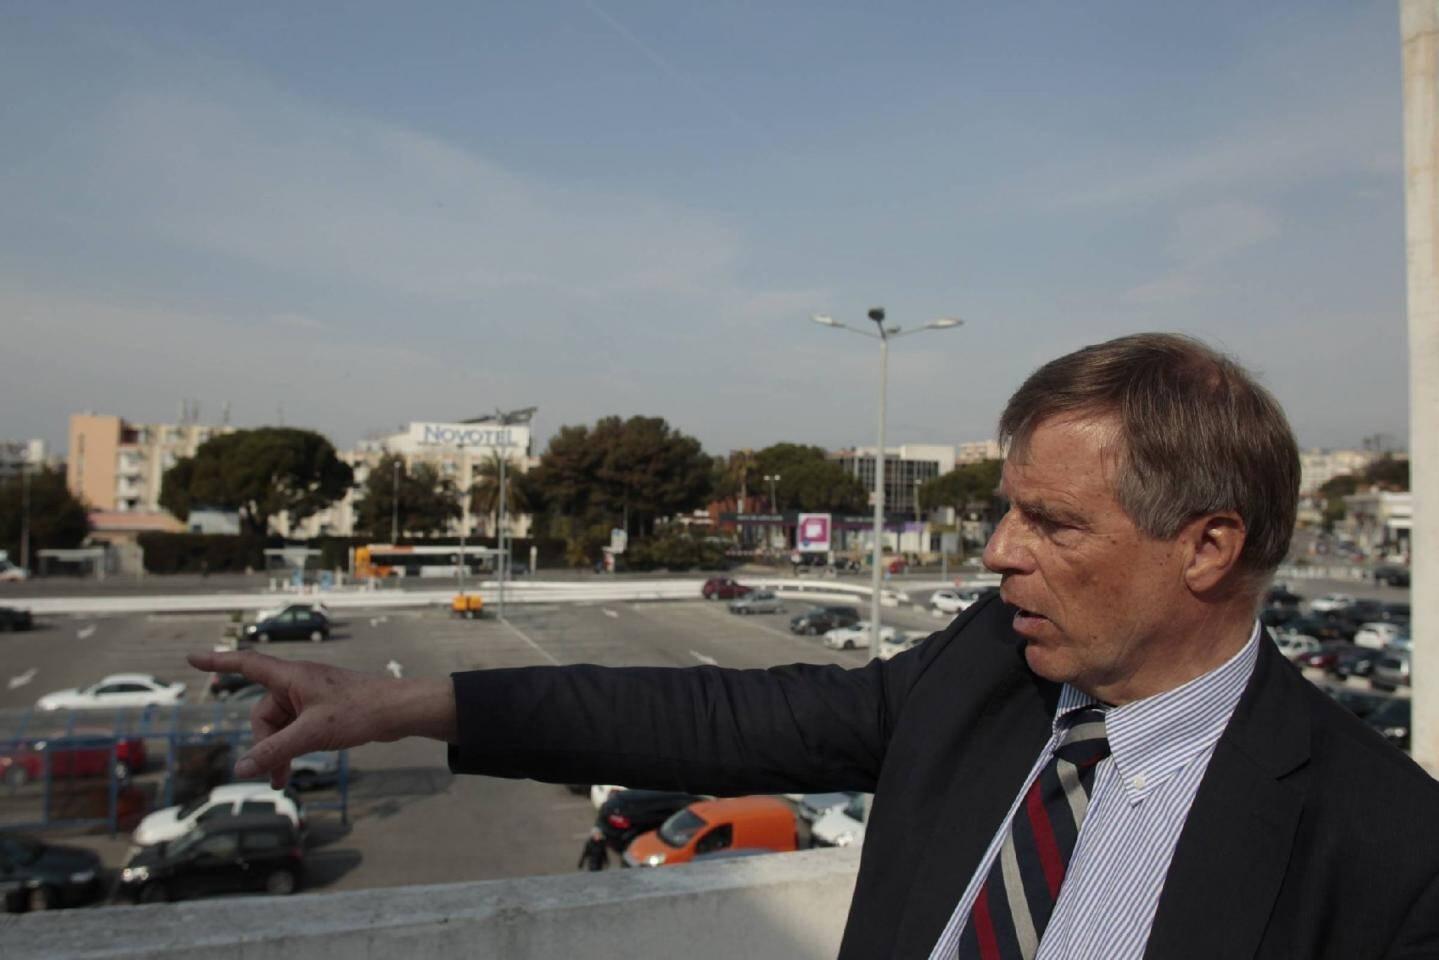 À terme, le parking de Cap 3 000 comptera quelque 4 500 places contre 3 000 avant les travaux et environ 2 300 aujourd'hui.